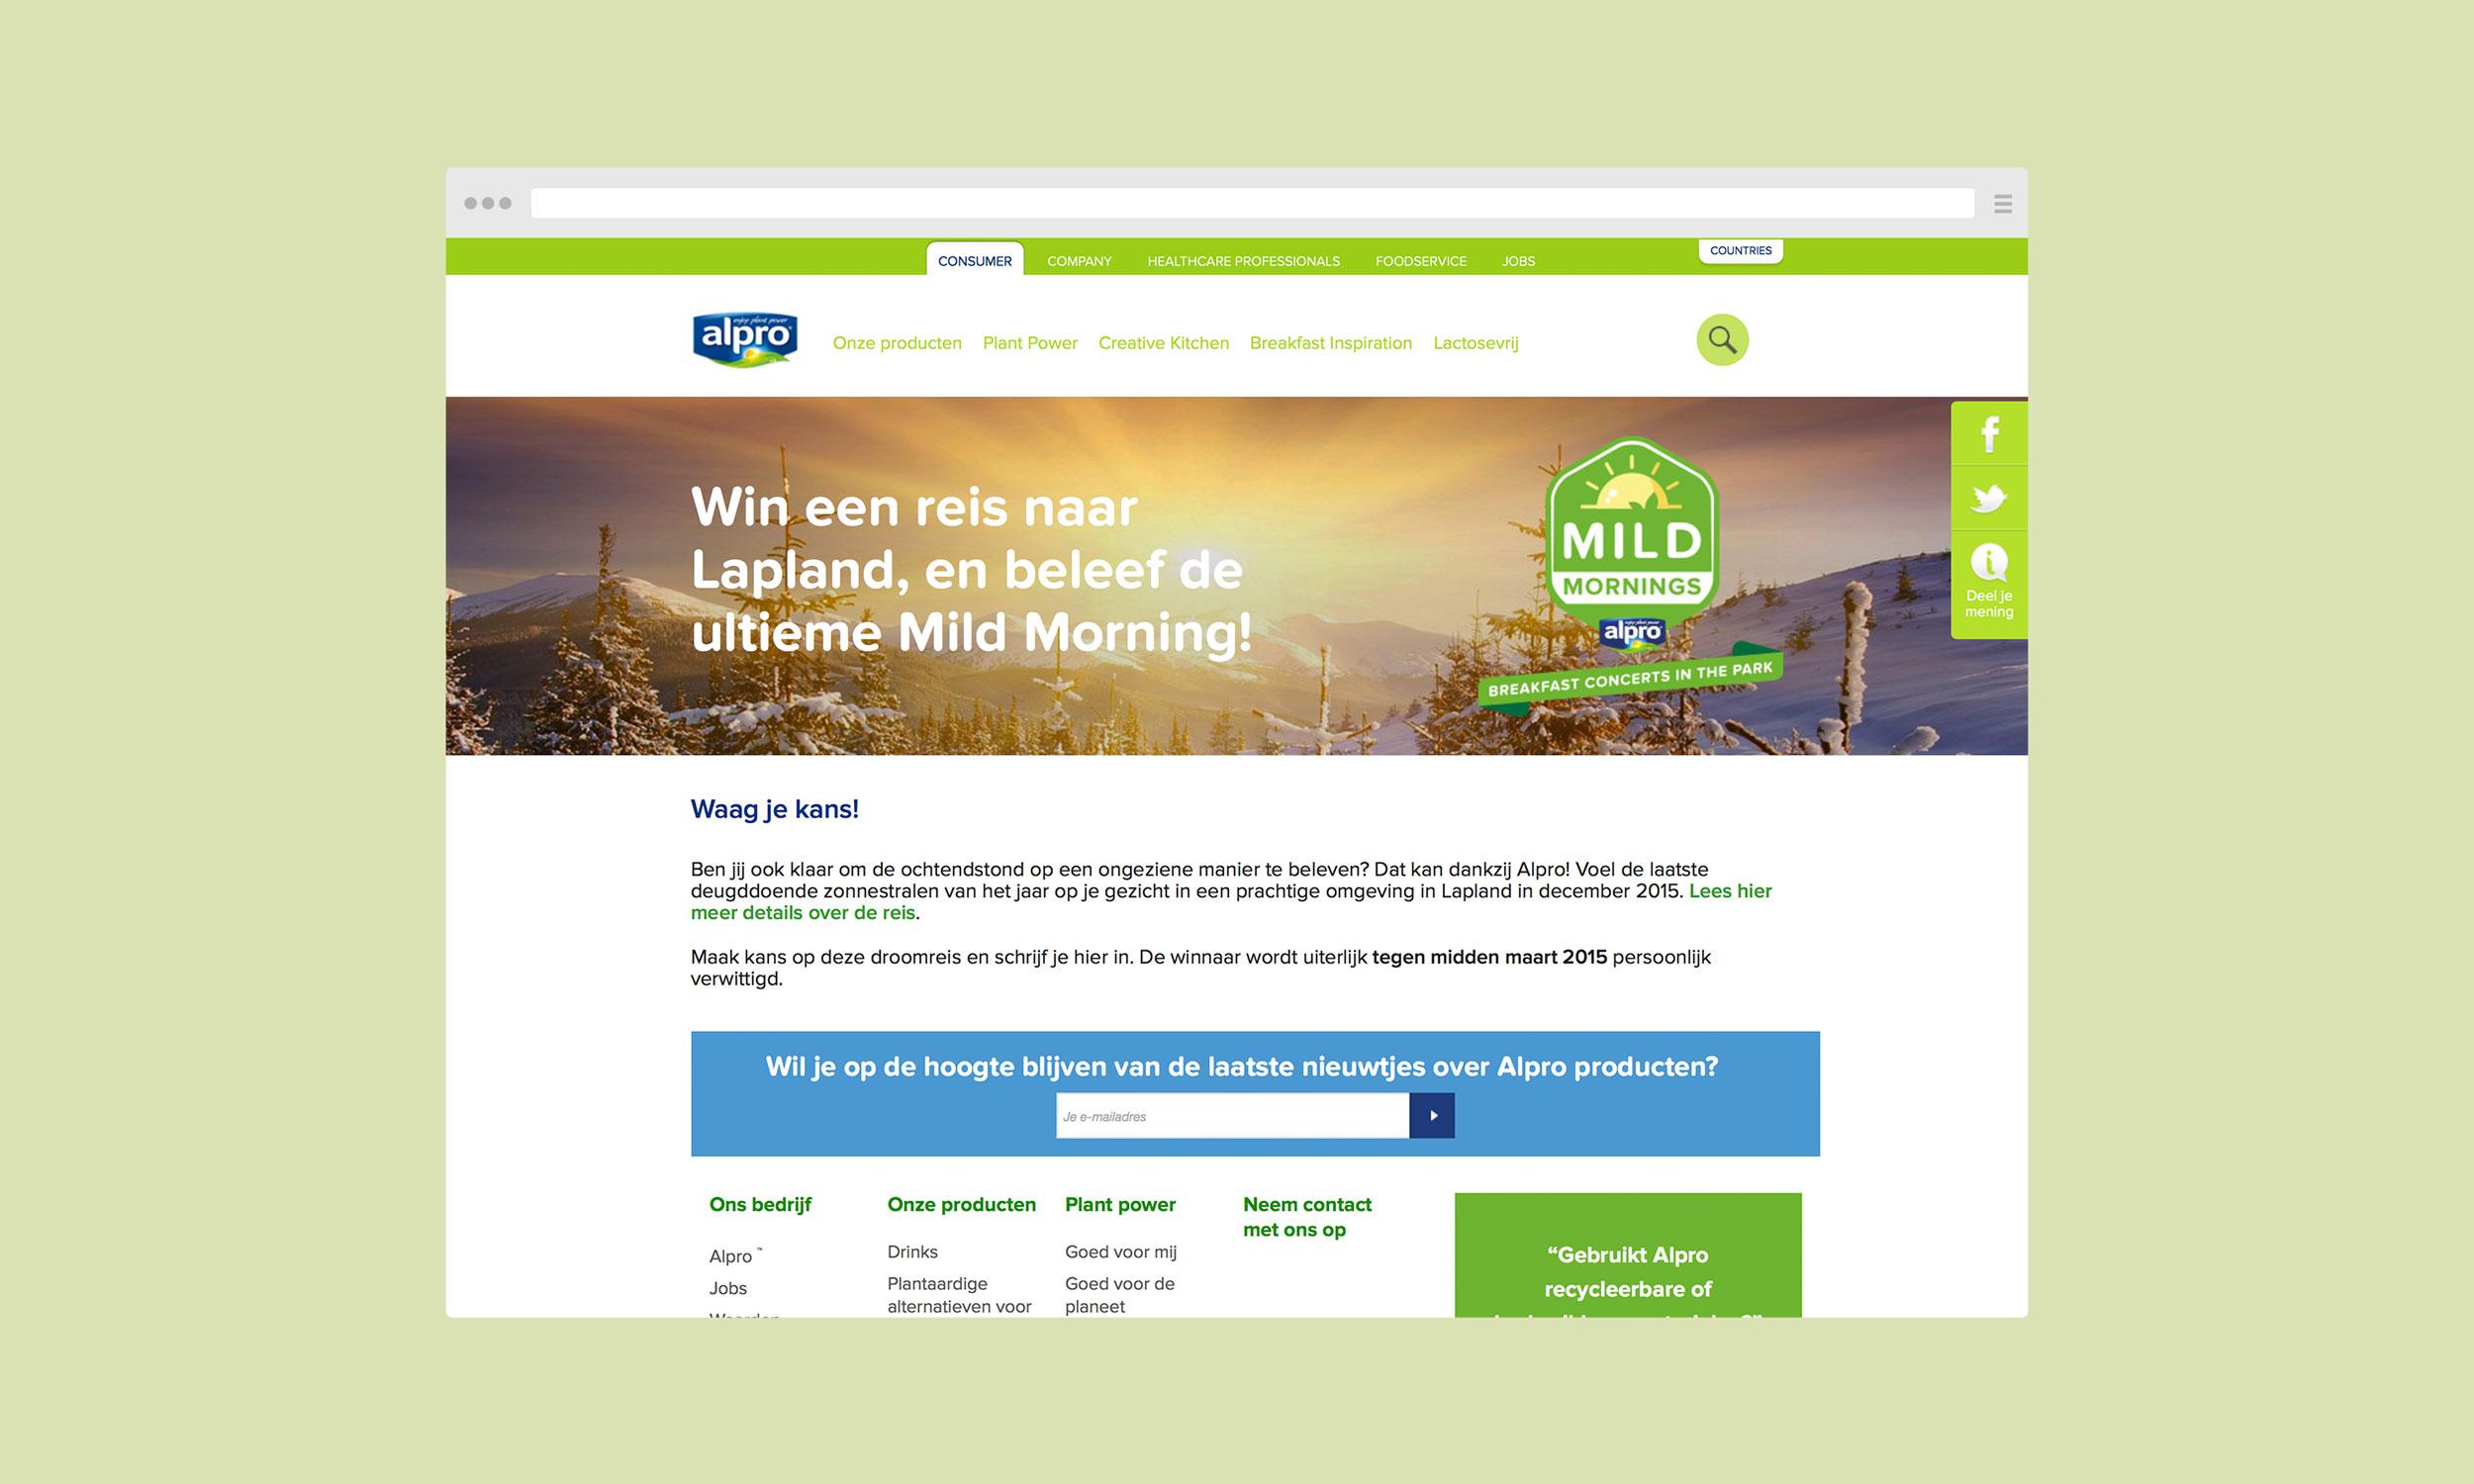 Alpro Mild Mornings website